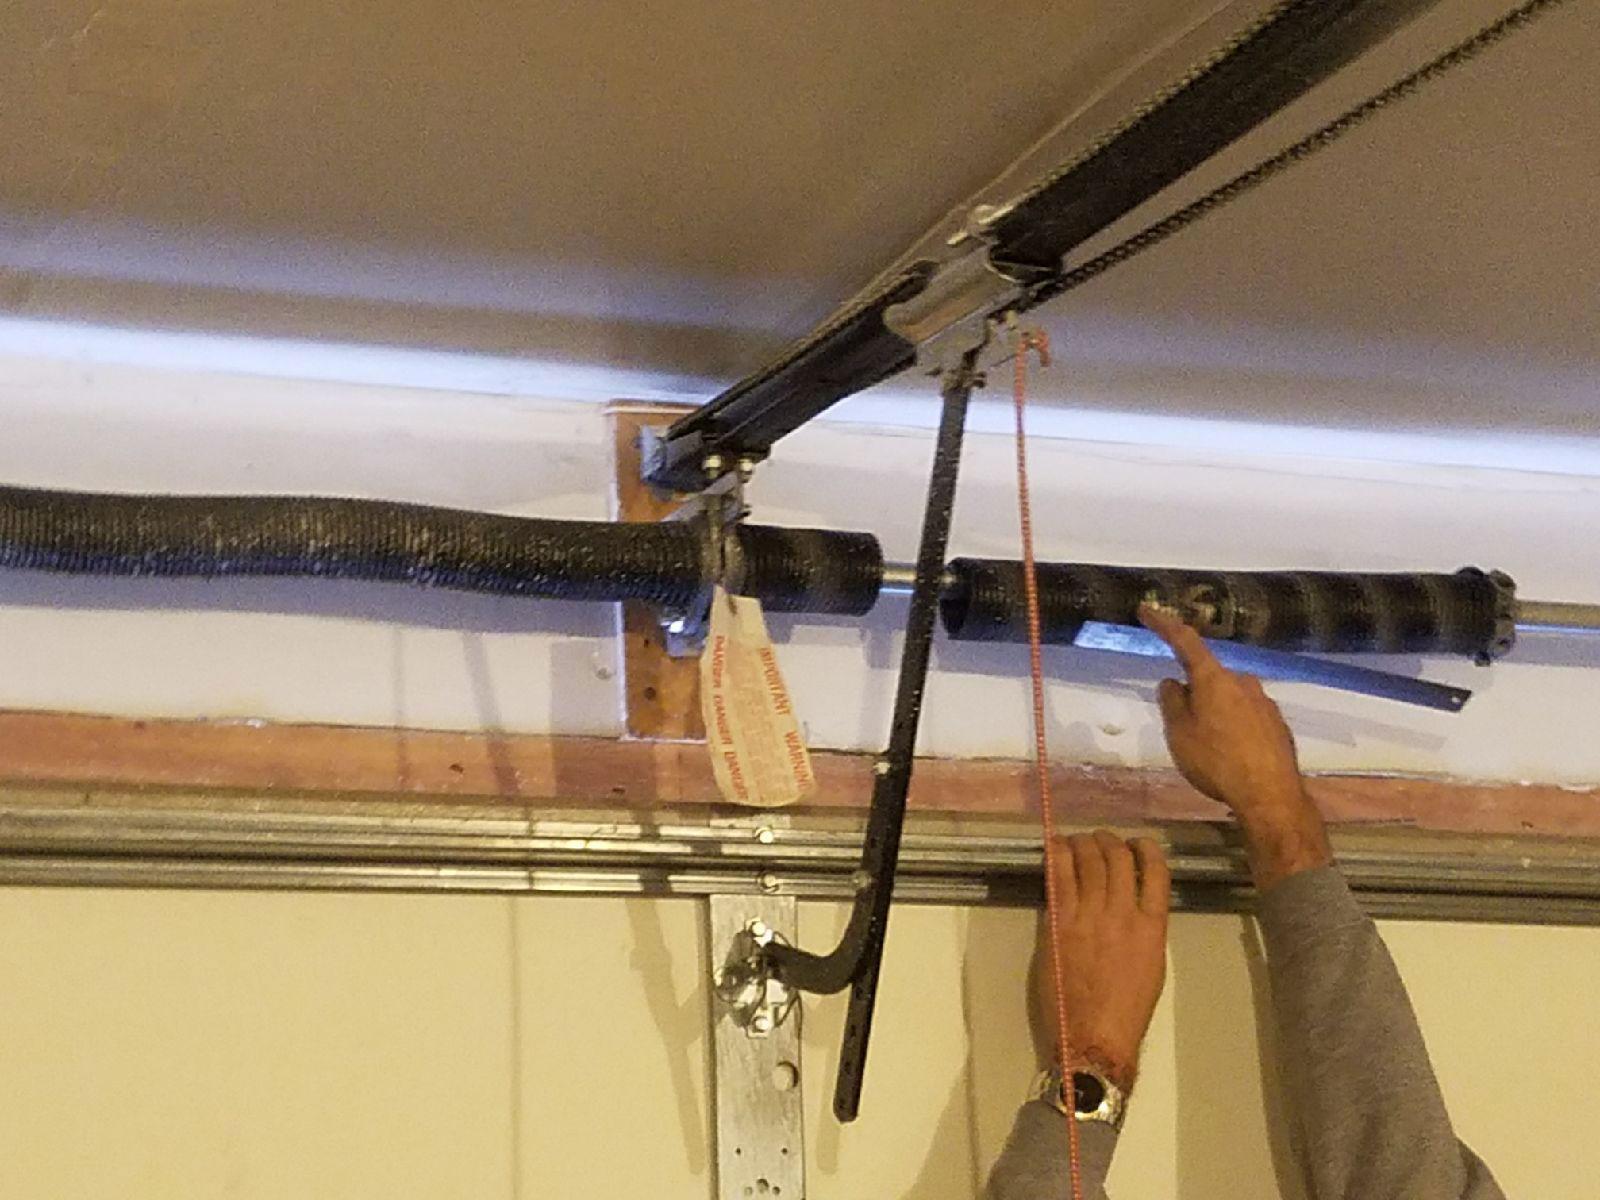 Fixing garage door springs